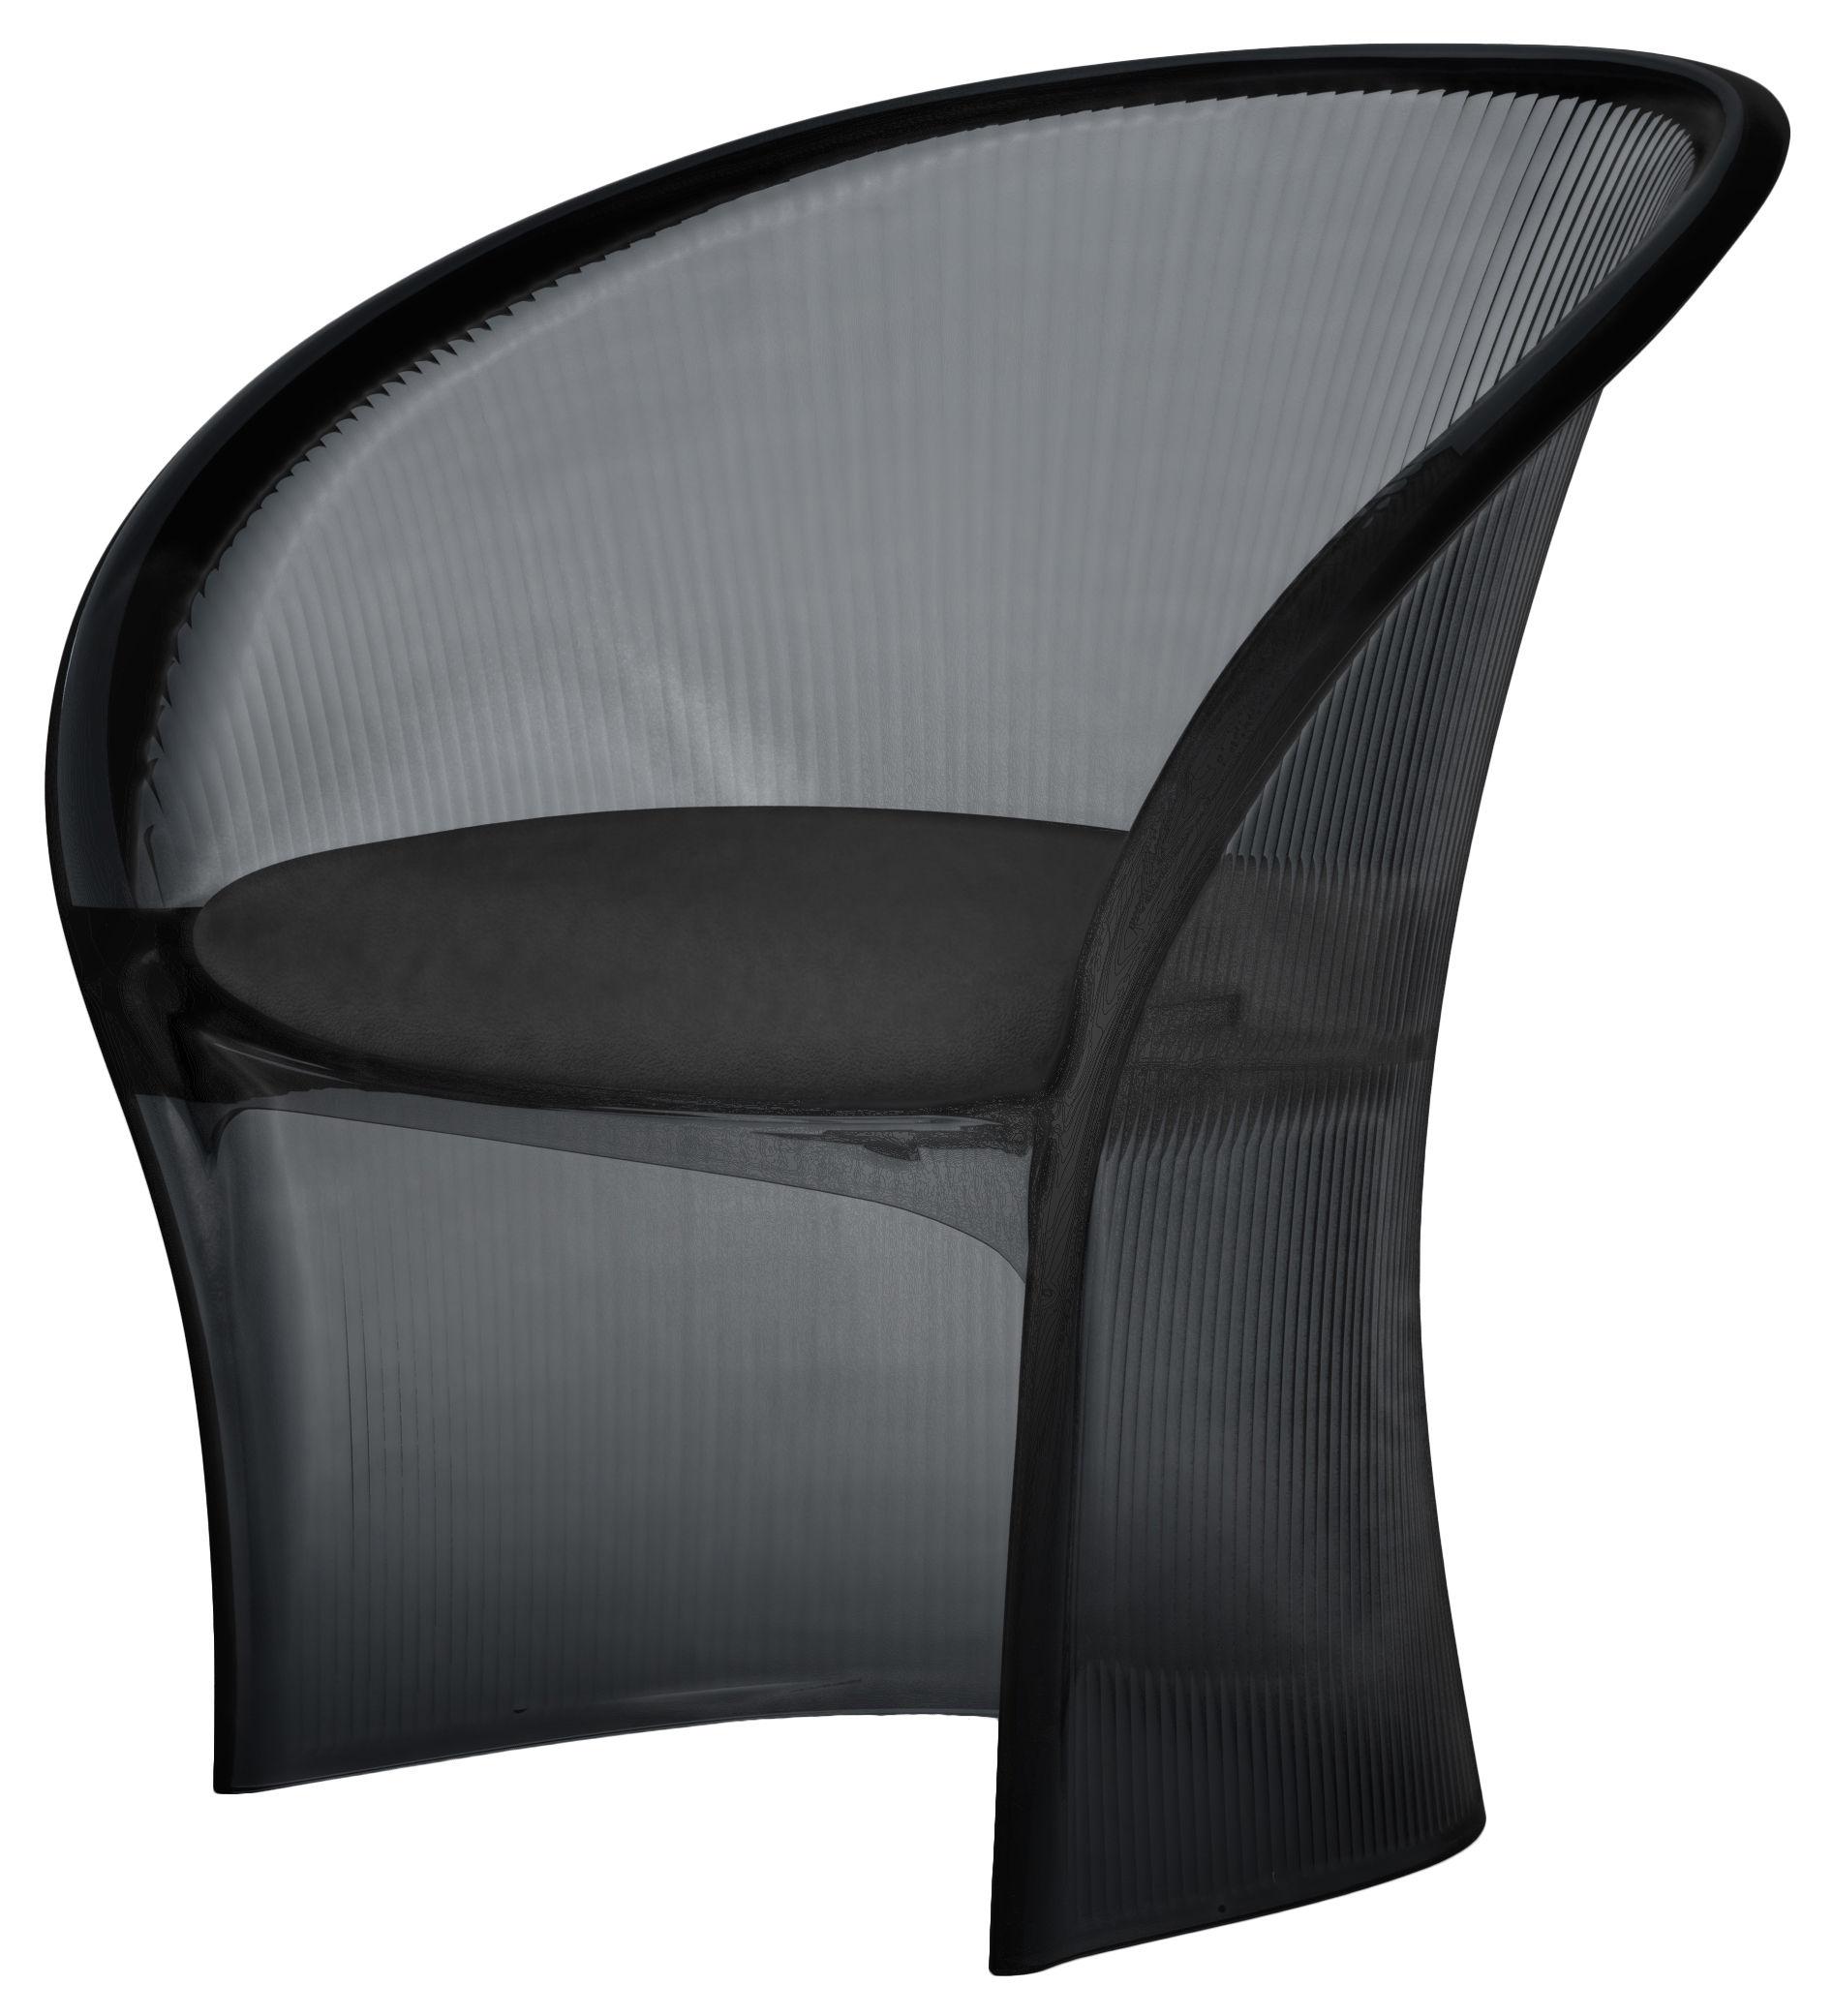 Mobilier - Mobilier d'exception - Fauteuil Flower / Structure fumé - Coussin cuir - Magis - Fumé / Coussin cuir noir - Cuir, Polycarbonate